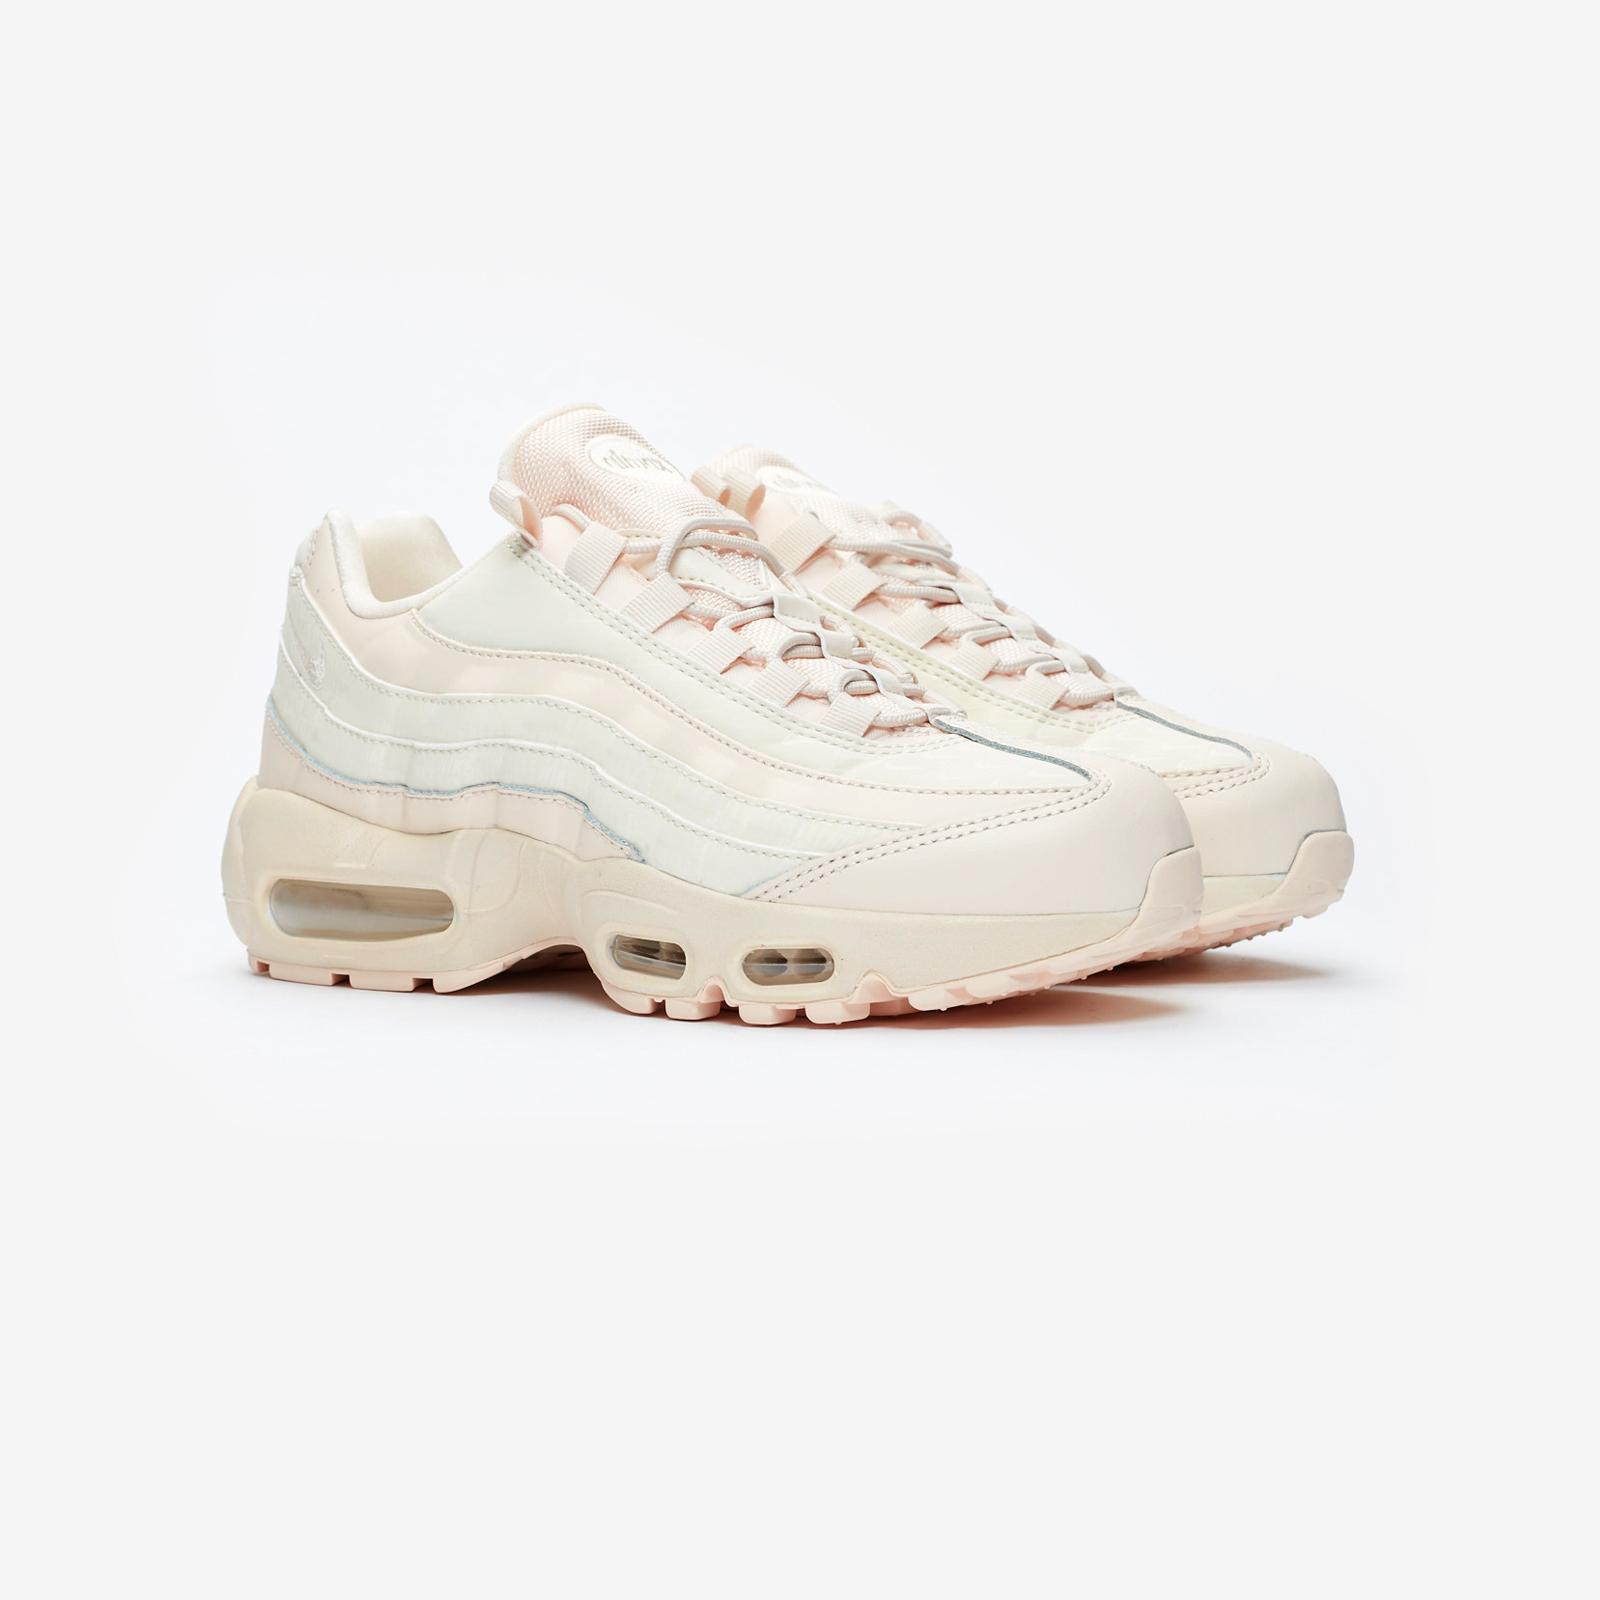 Nike Wmns Air Max 95 LX Aa1103 800 Sneakersnstuff